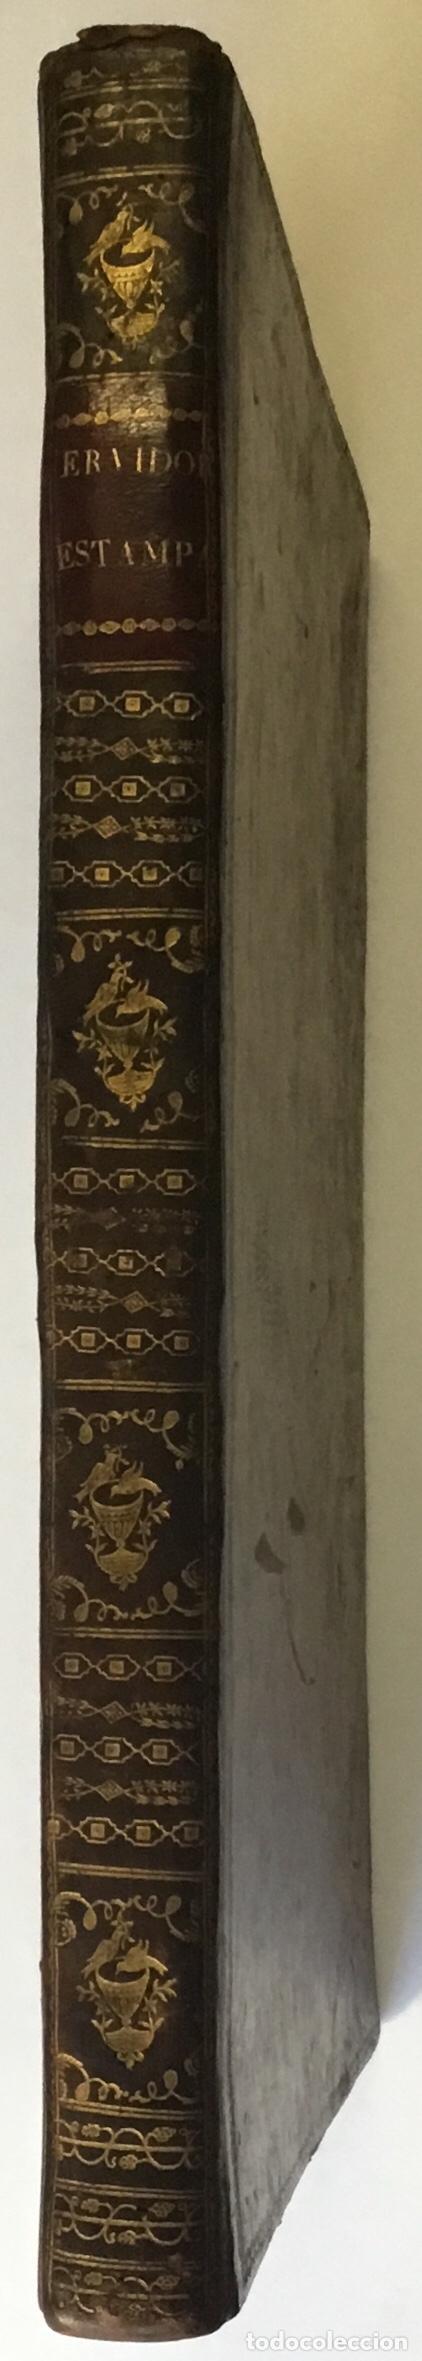 Libros antiguos: LAMINAS DE LAS REFLEXIONES SOBRE EL ARTE DE ESCRIBIR. 108 láminas. alfabetos instrumentos escritura - Foto 14 - 146509702